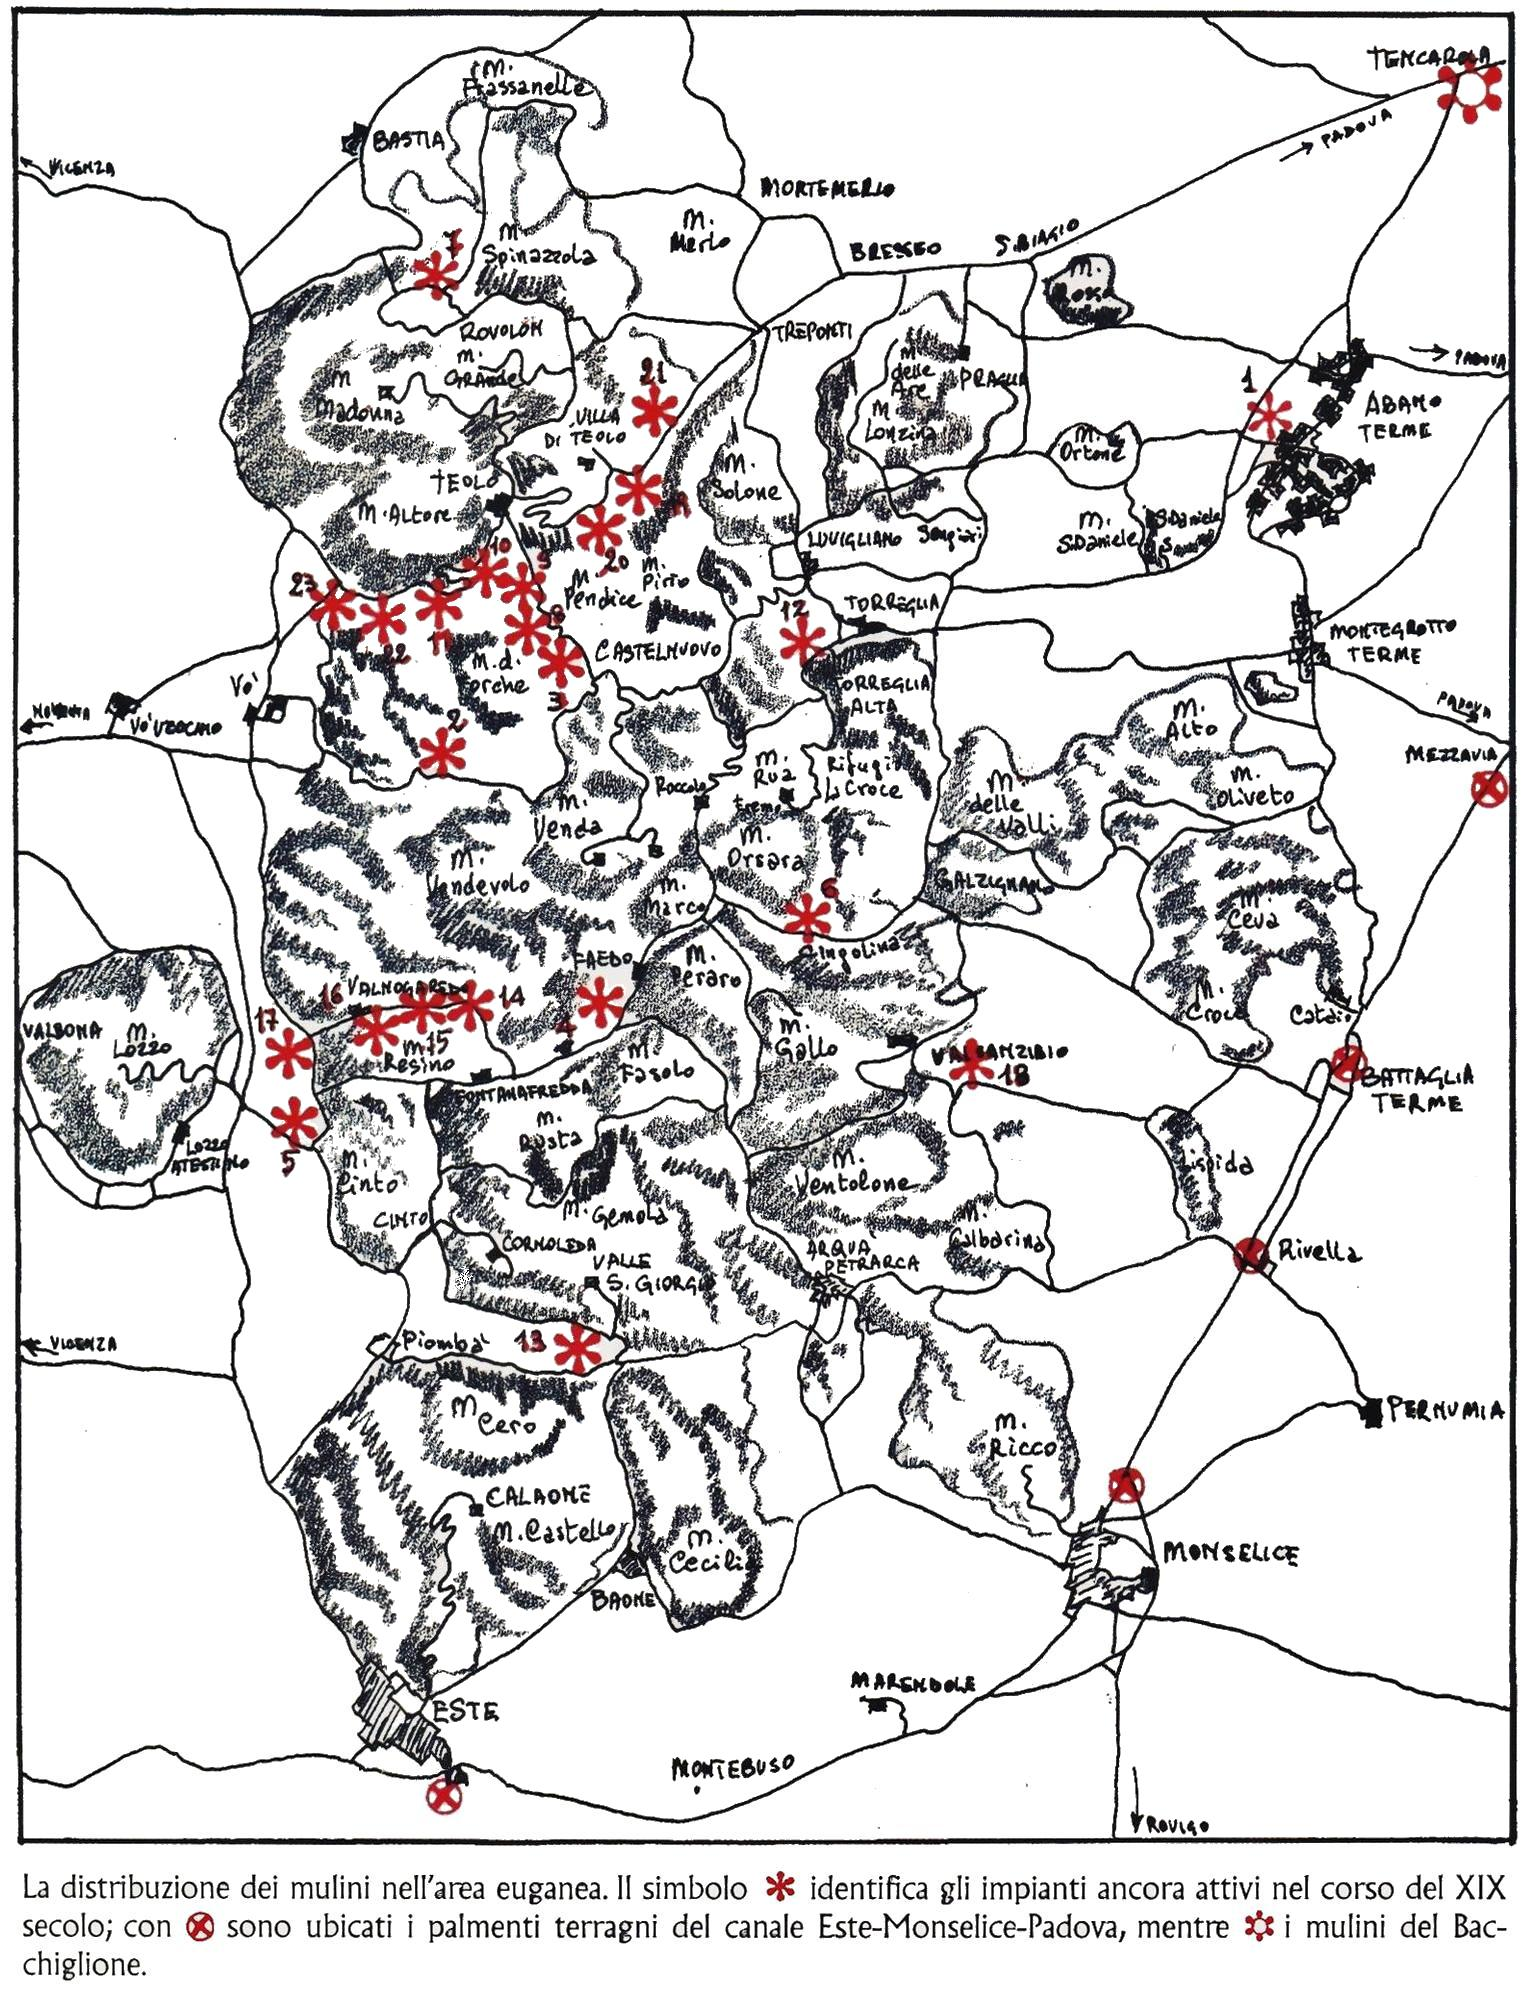 La distribuzione dei mulini nell'area euganea.